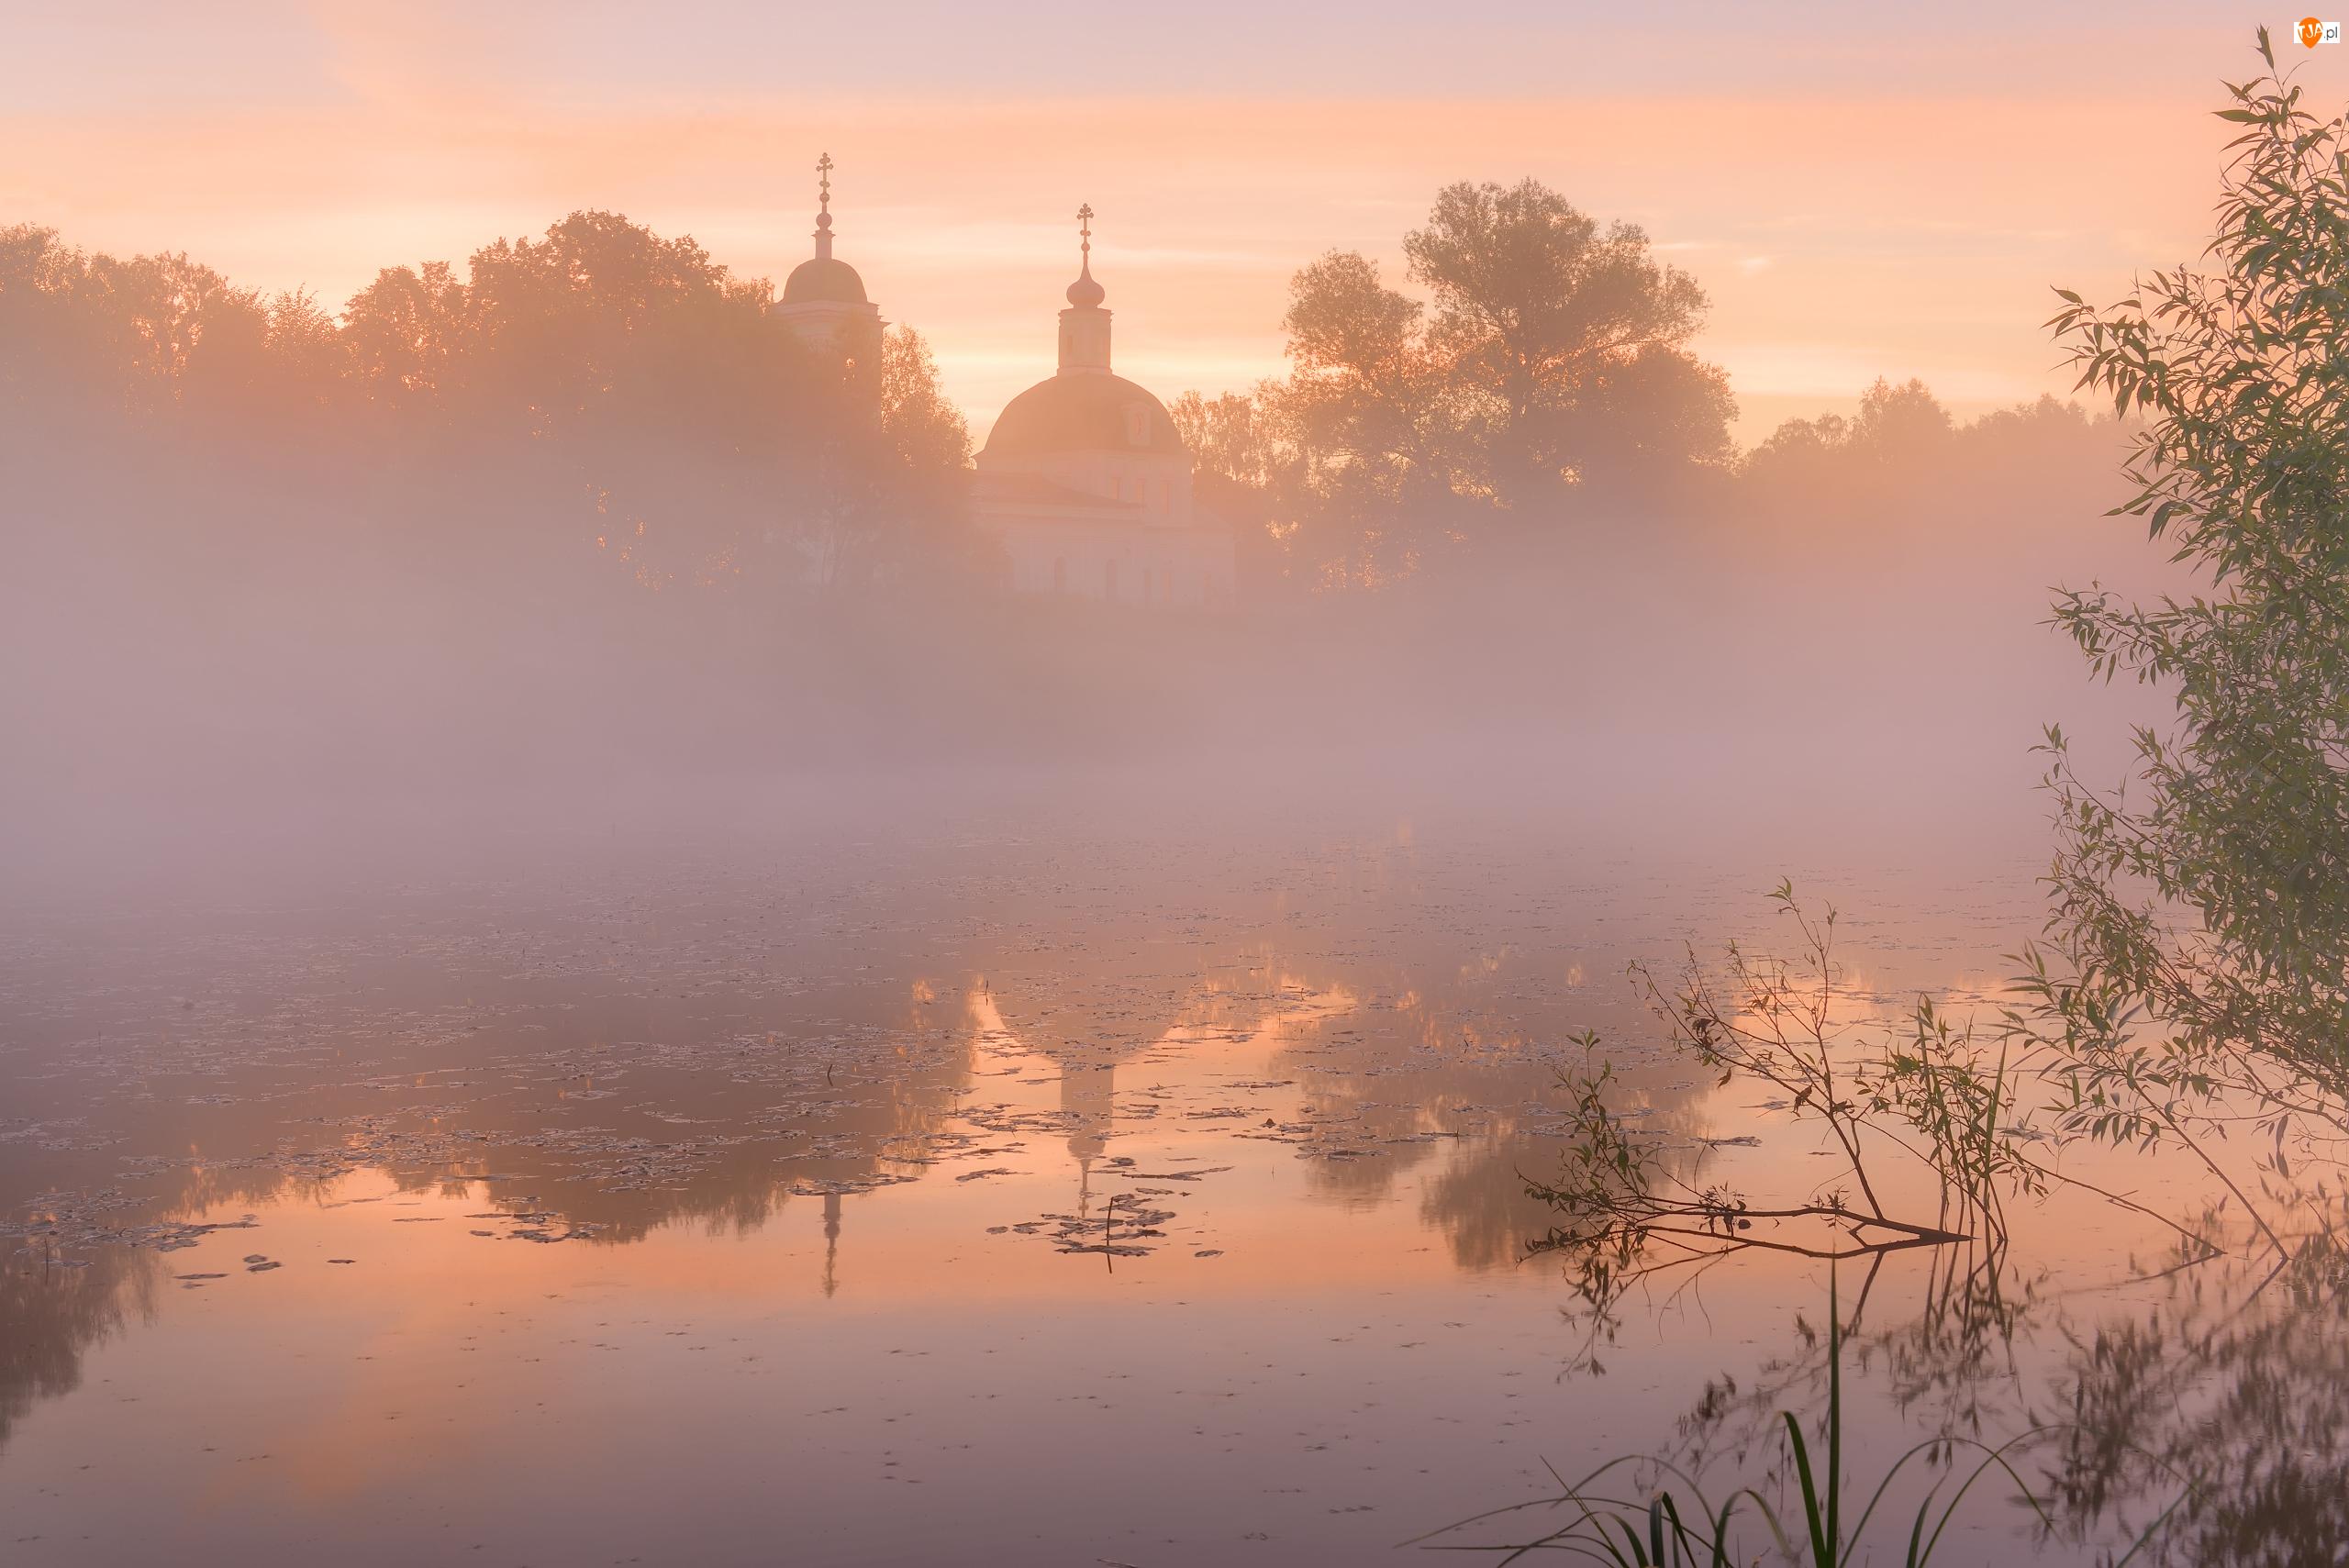 Staw, Wschód słońca, Mgła, Cerkiew